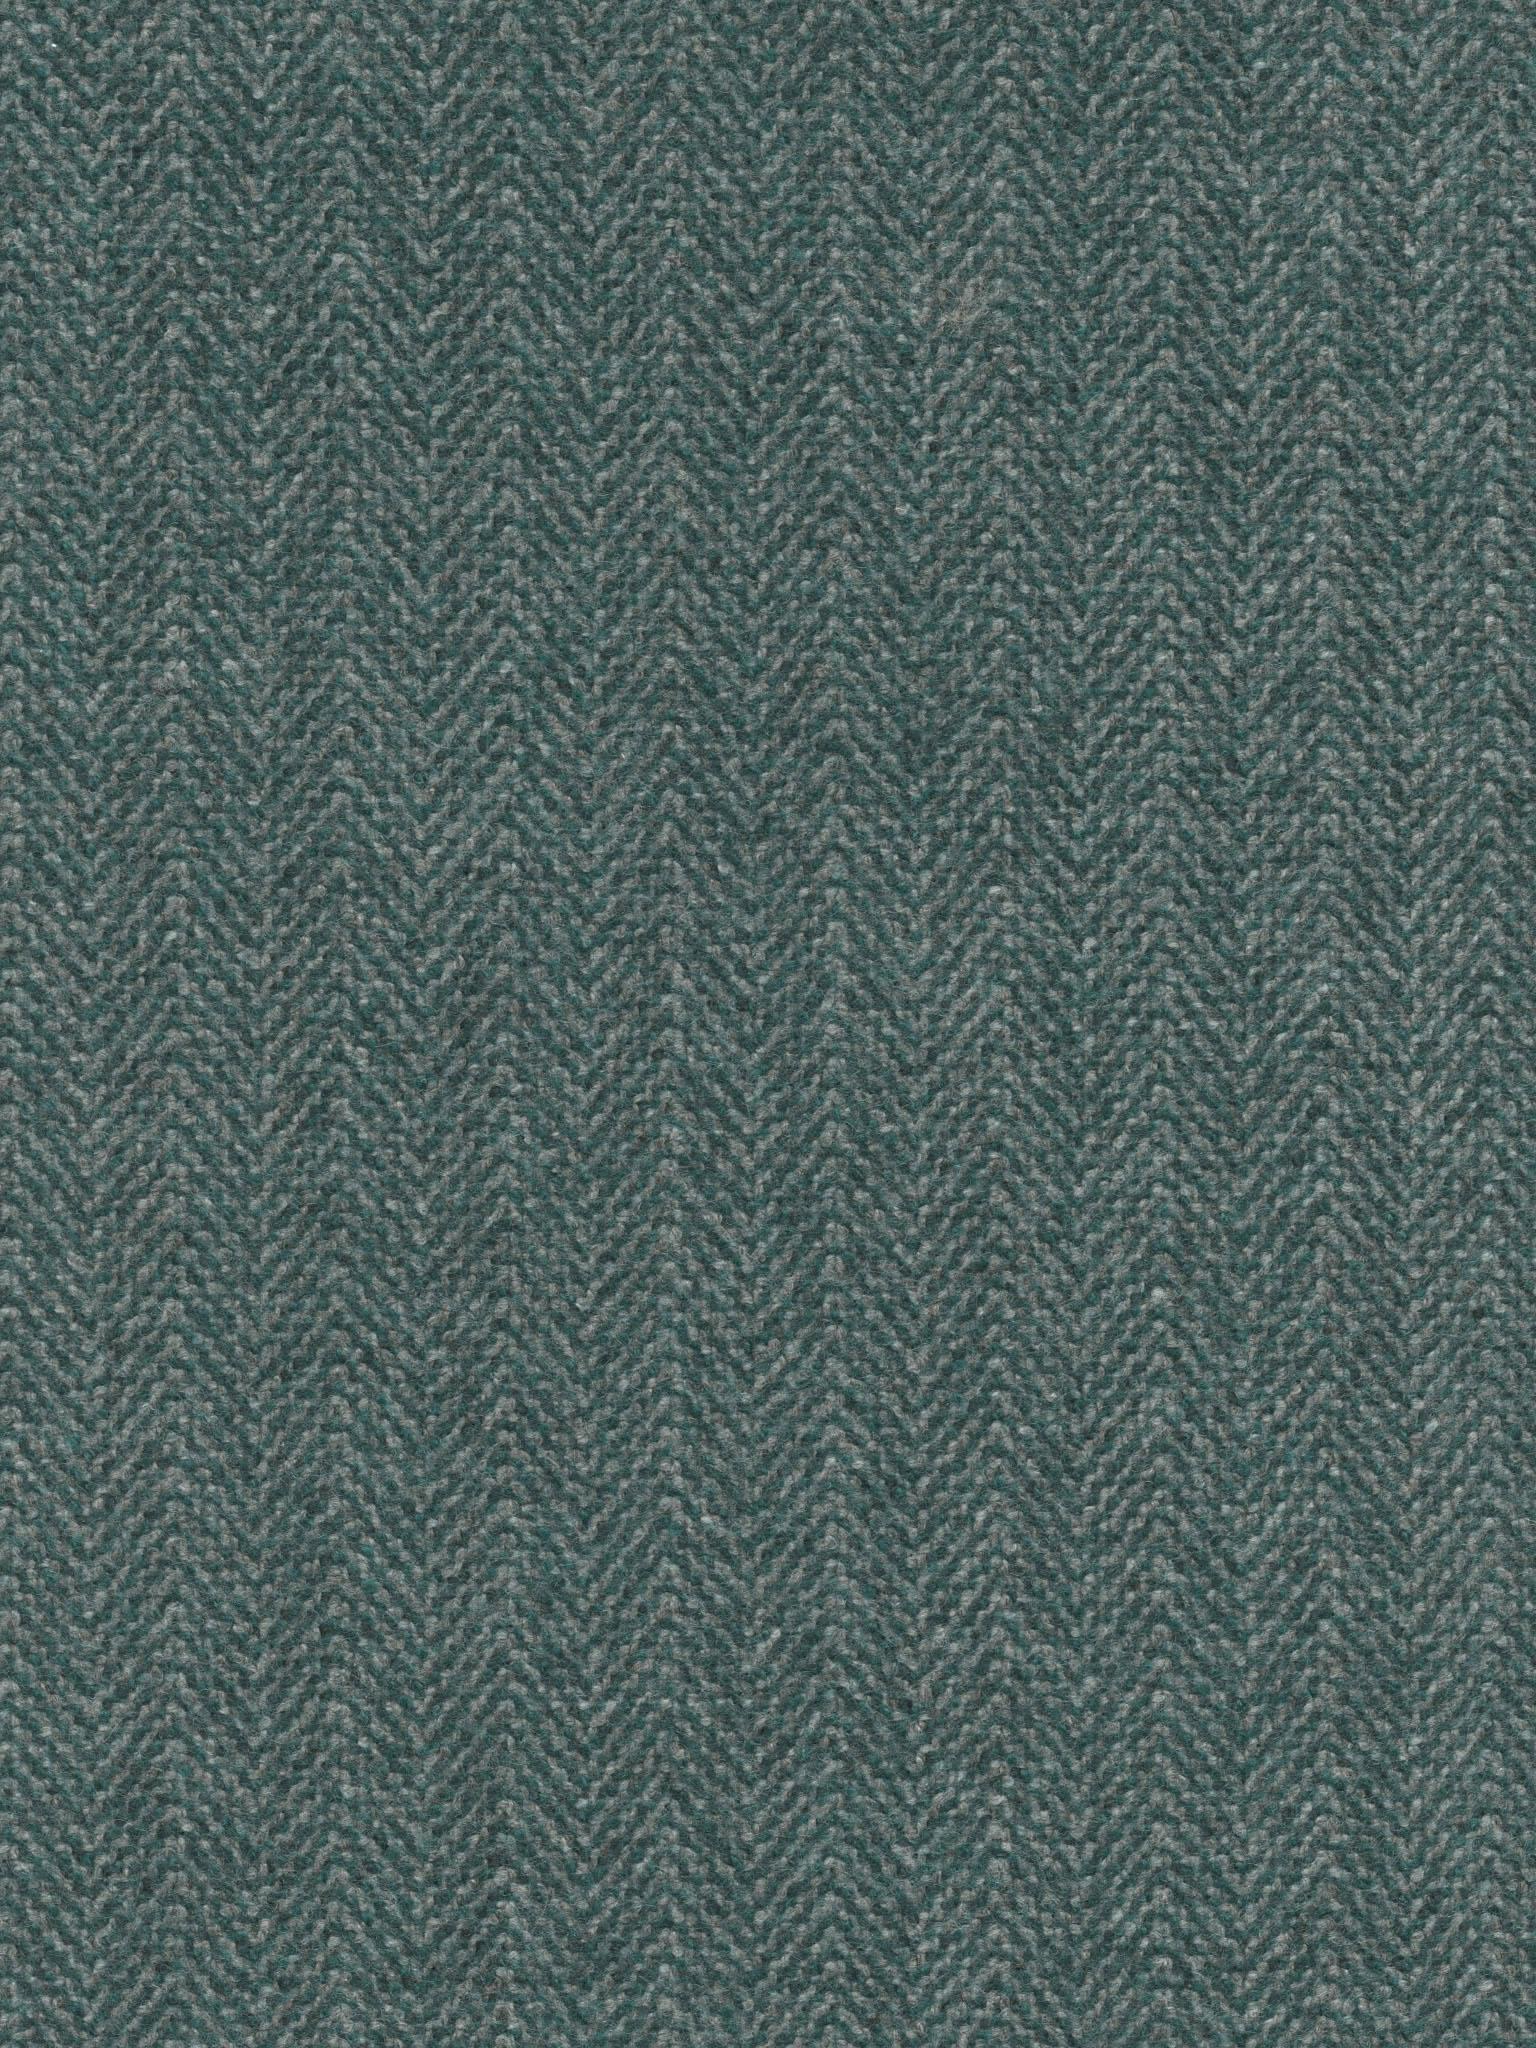 Savile Row Windsor Tweed DE13839